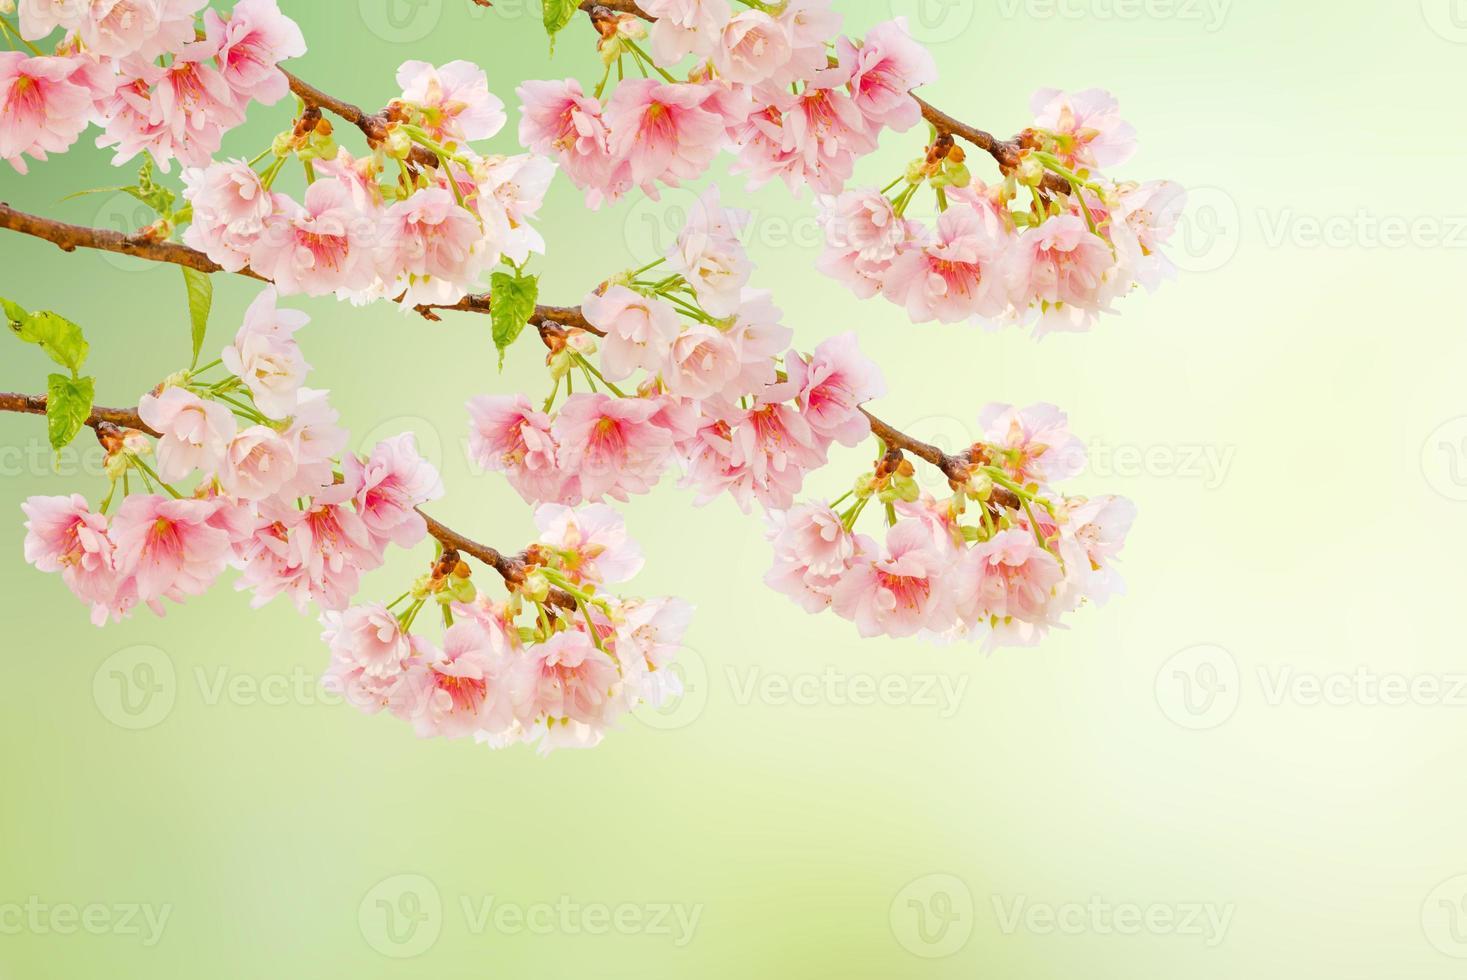 Spring Cherry blossoms (Sakura) in full bloom photo